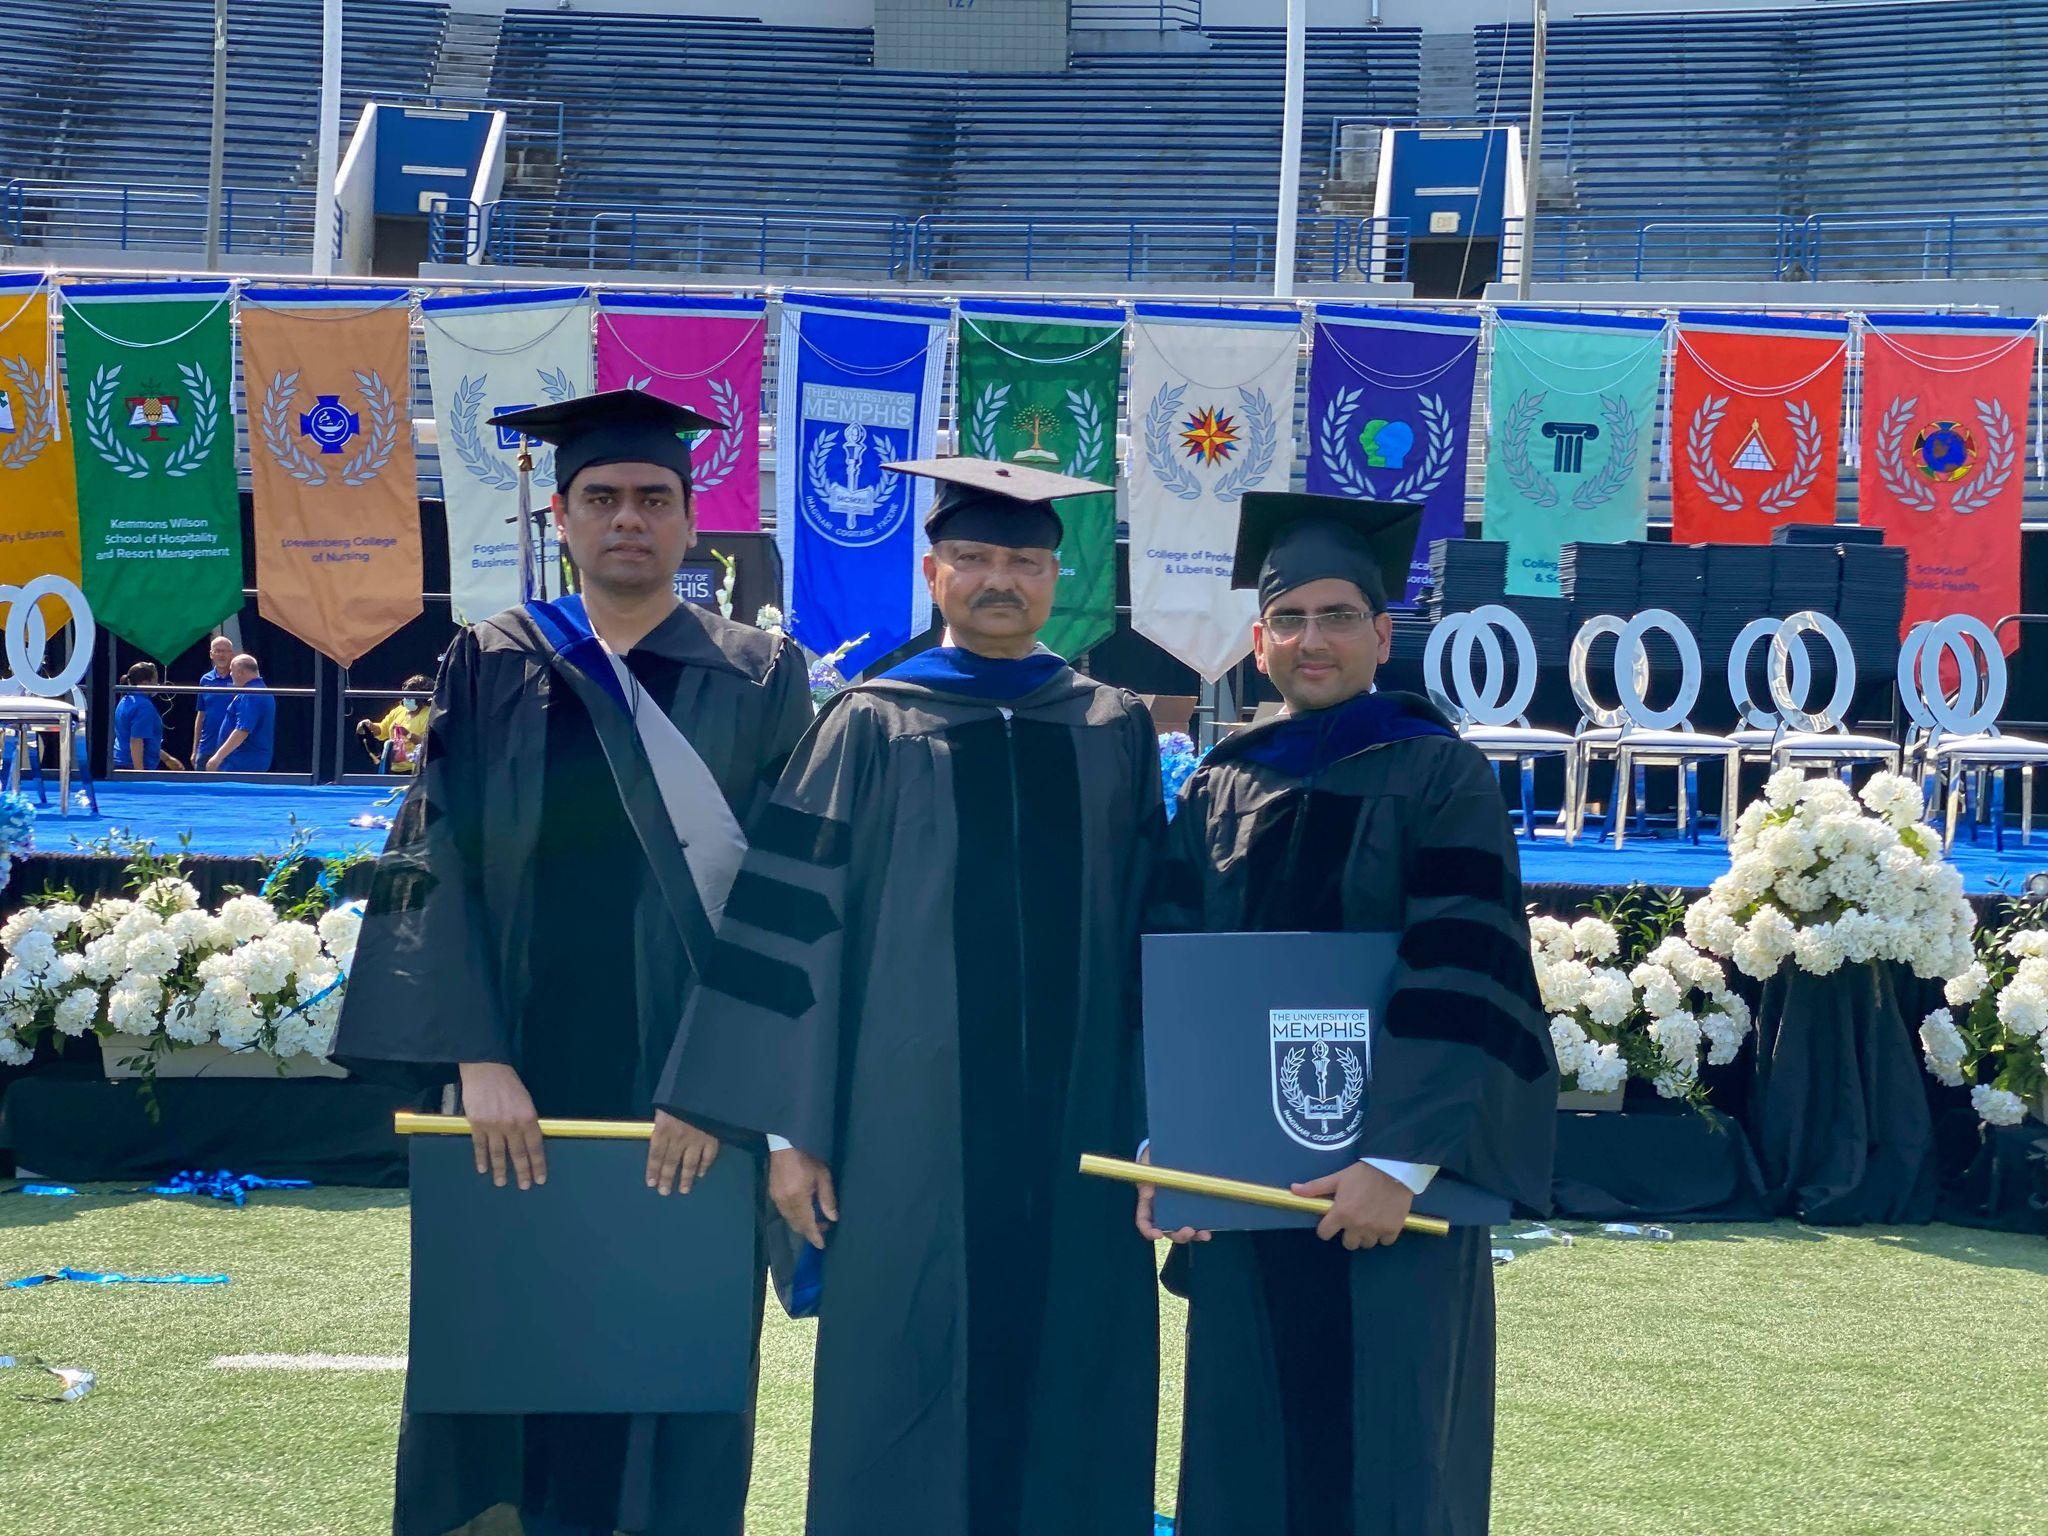 PhD Graduates Summer 2021